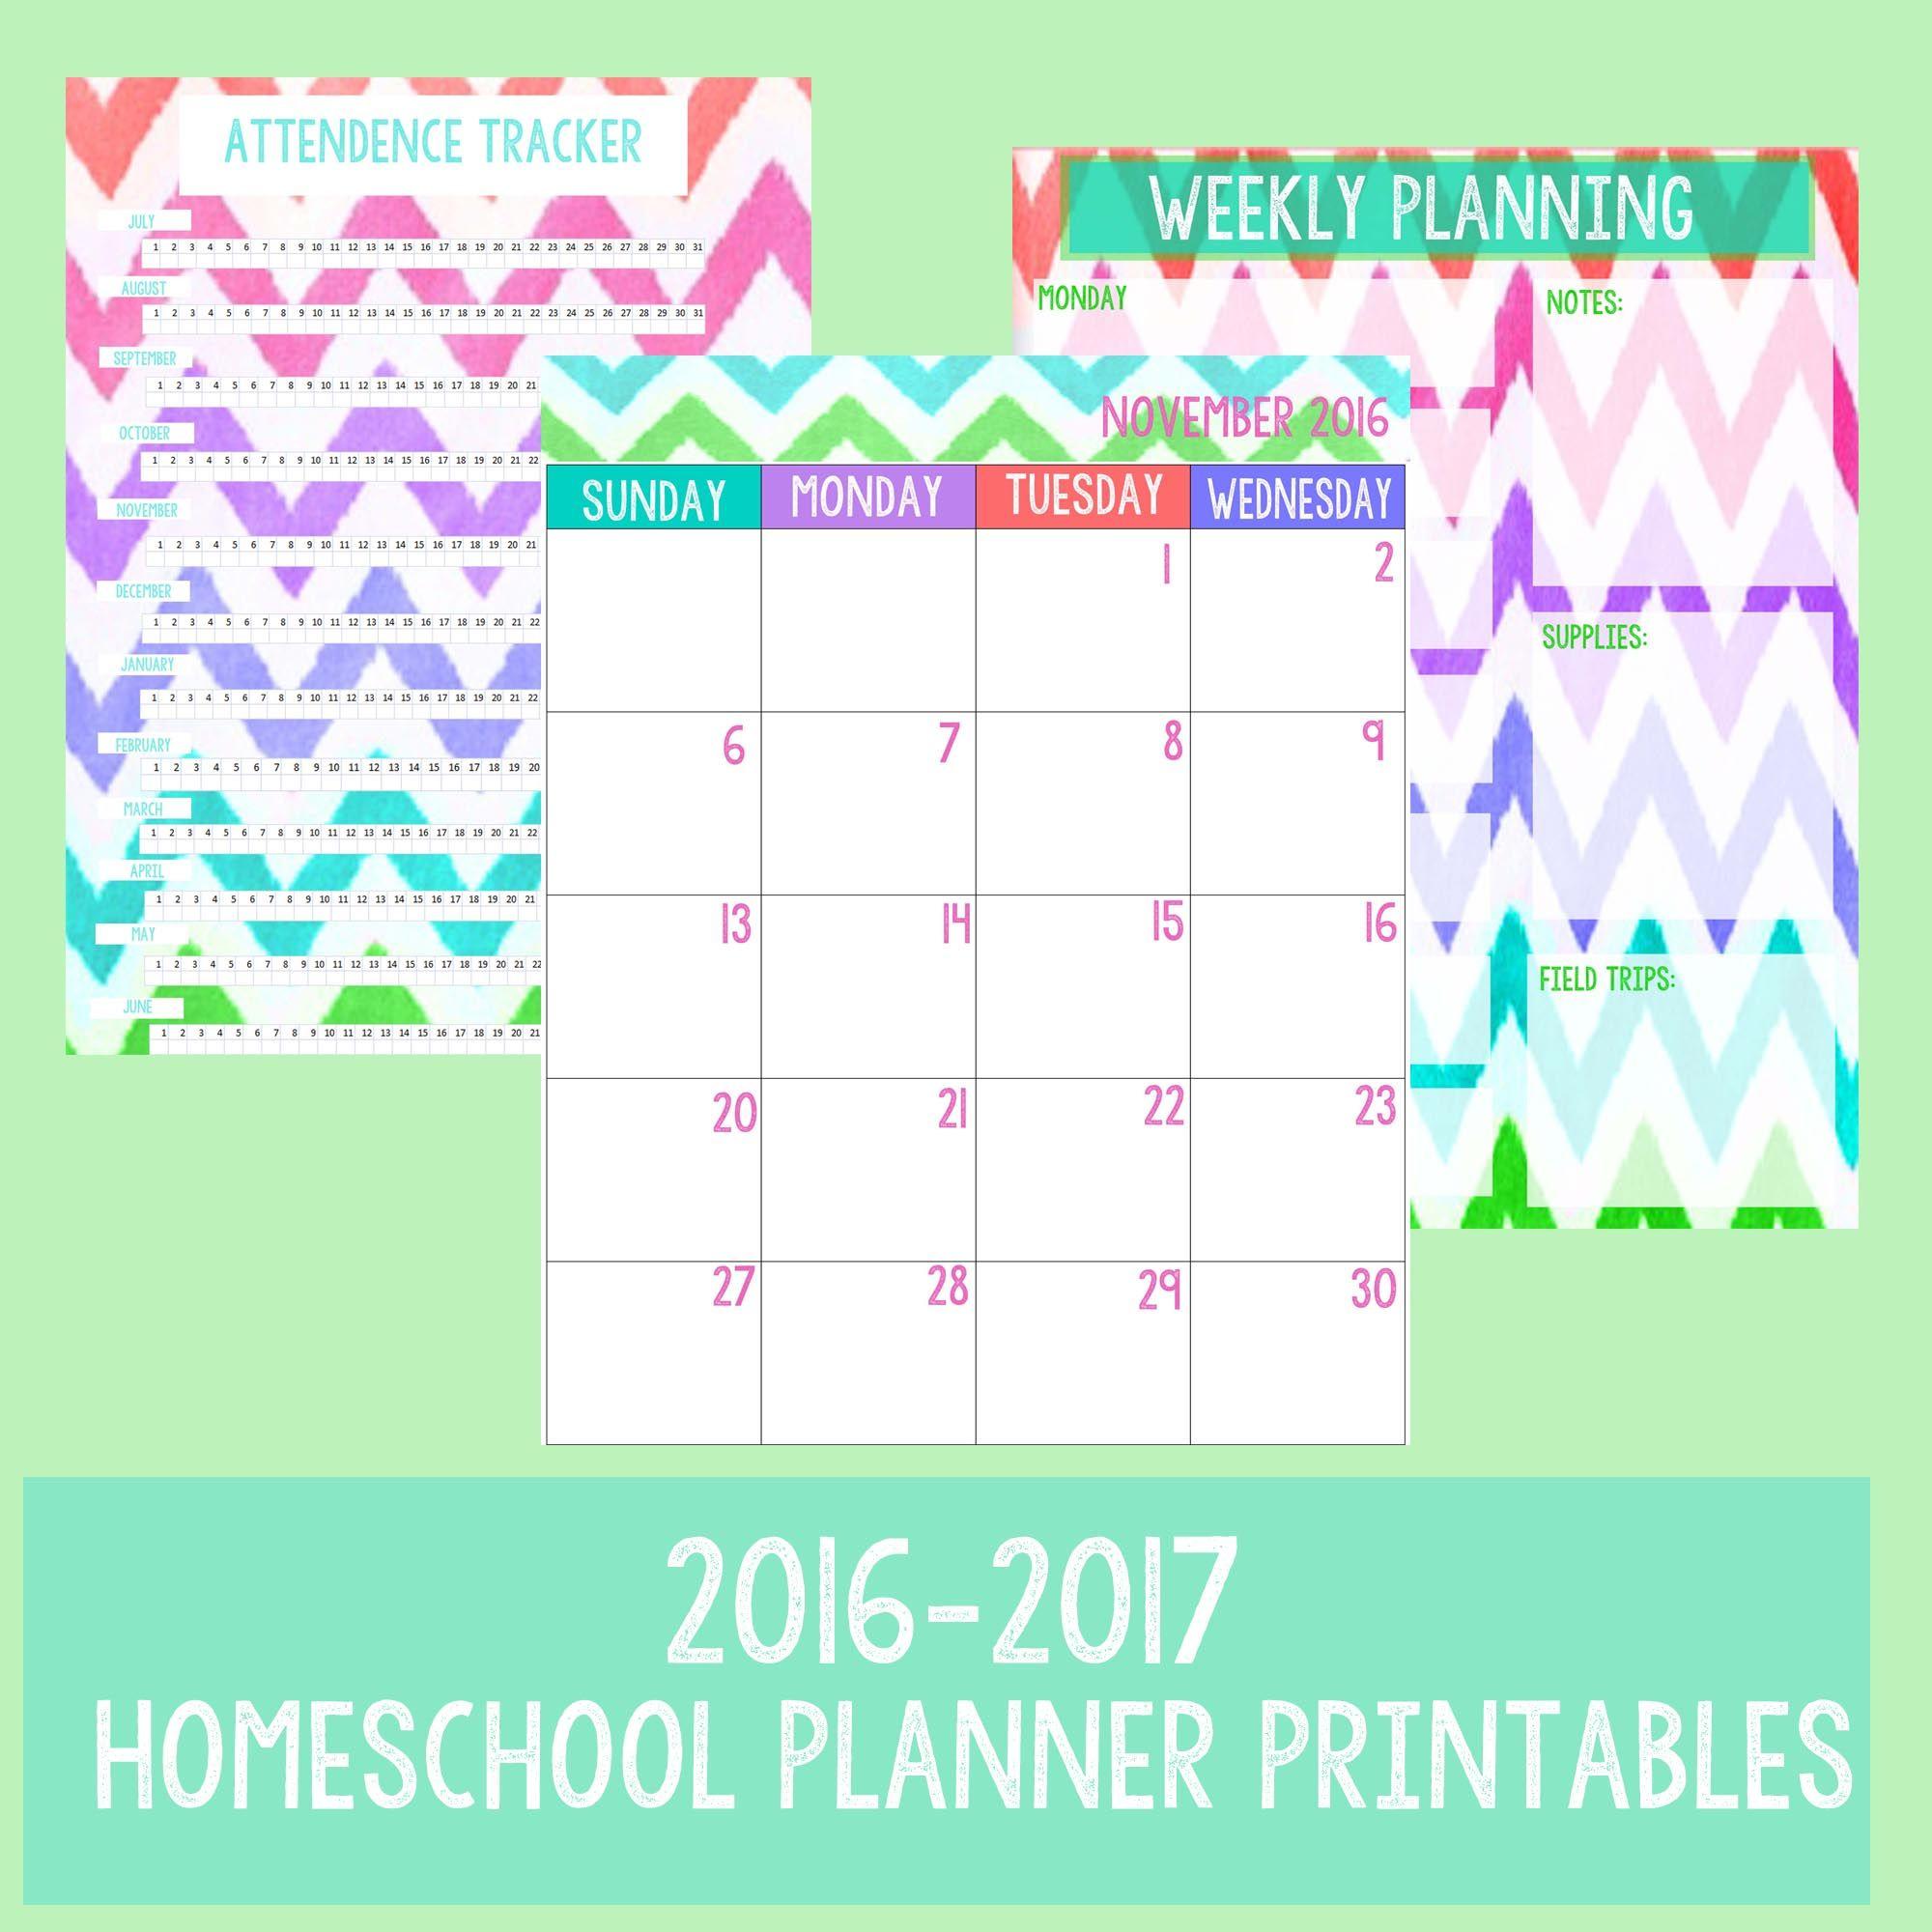 Homeschool Planner Printables For Binders